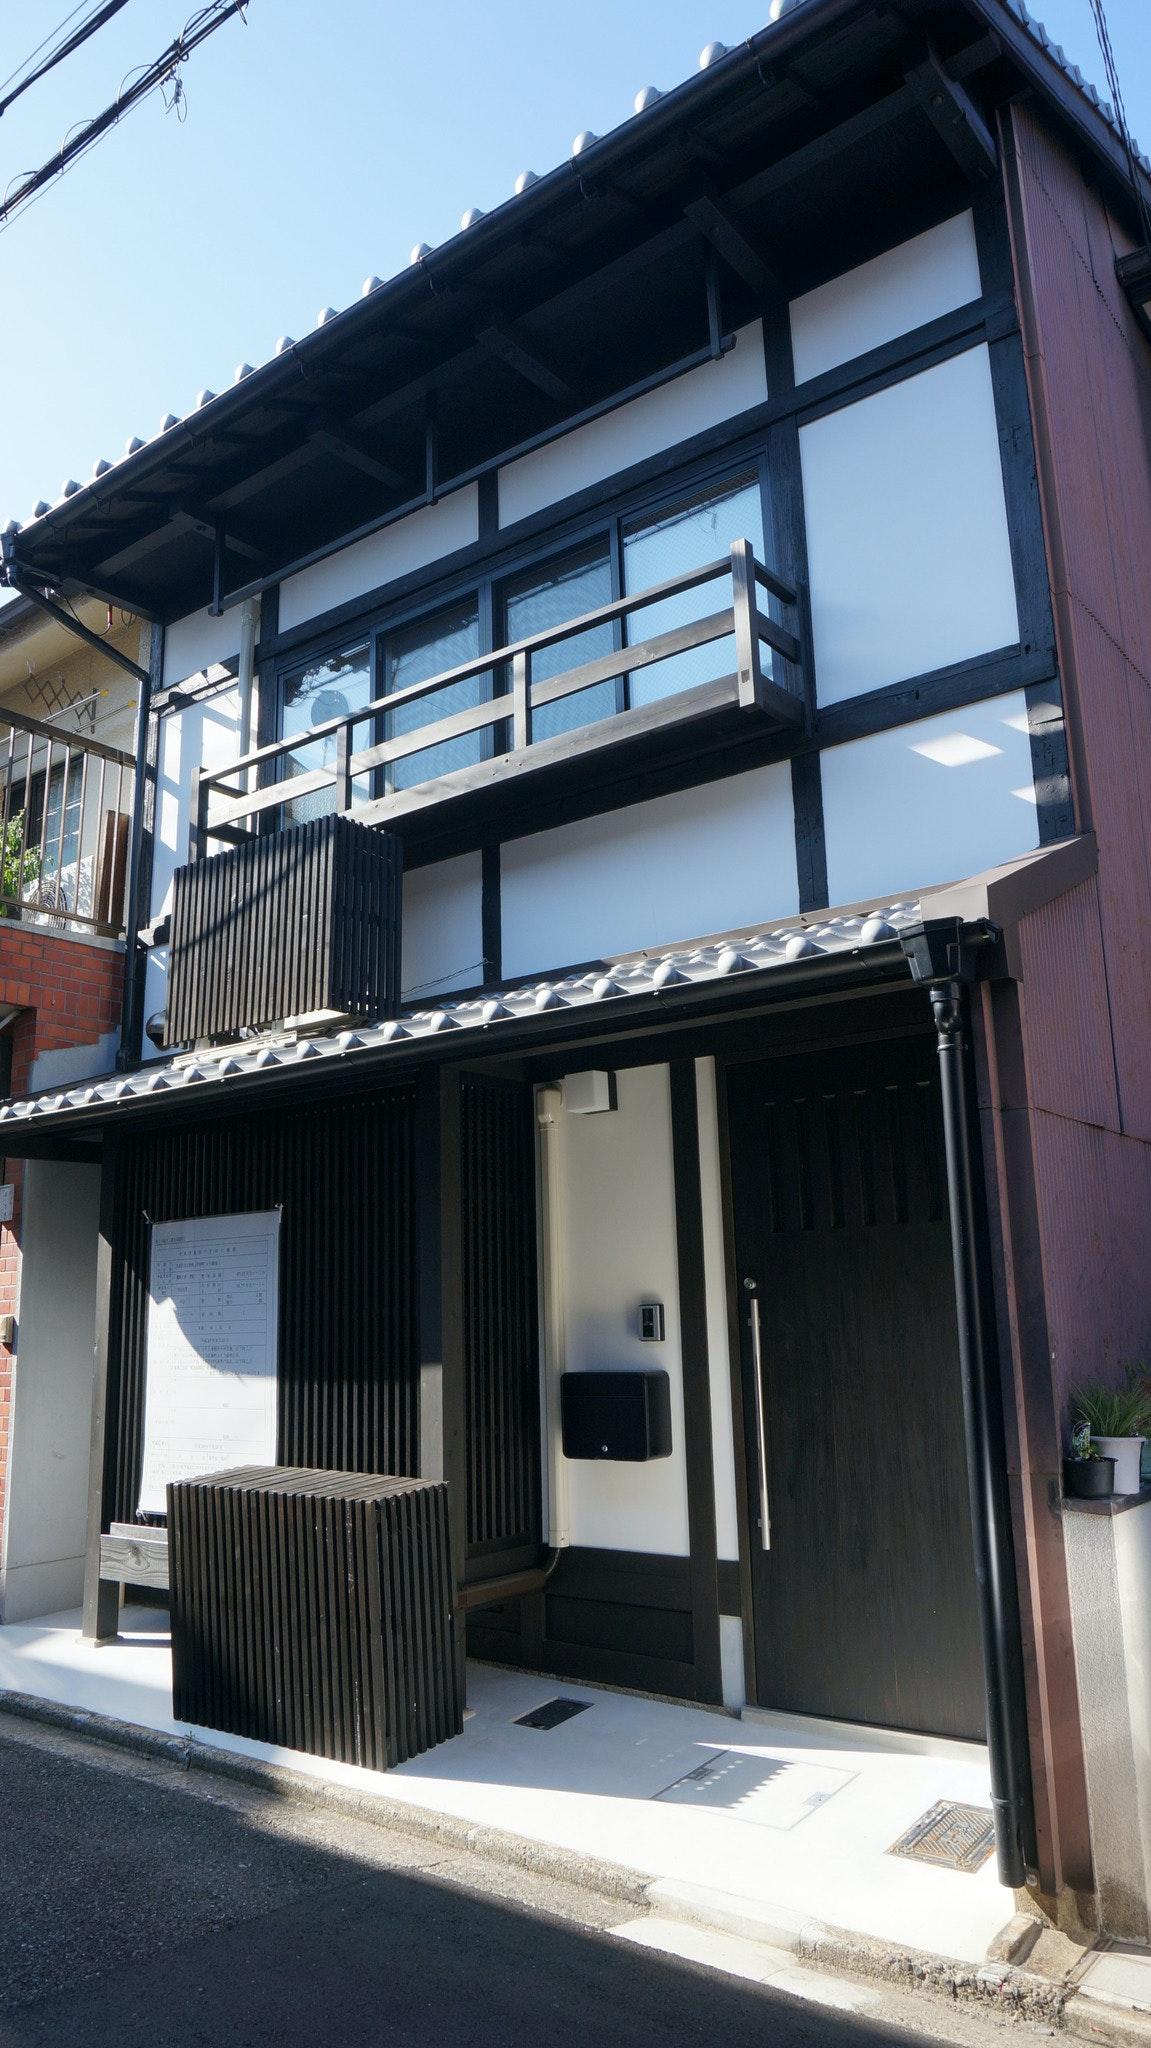 金閣寺·北野天満宮のすぐ隣 琉球畳の和室とシングルベッド2台の洋室を持つ京町屋